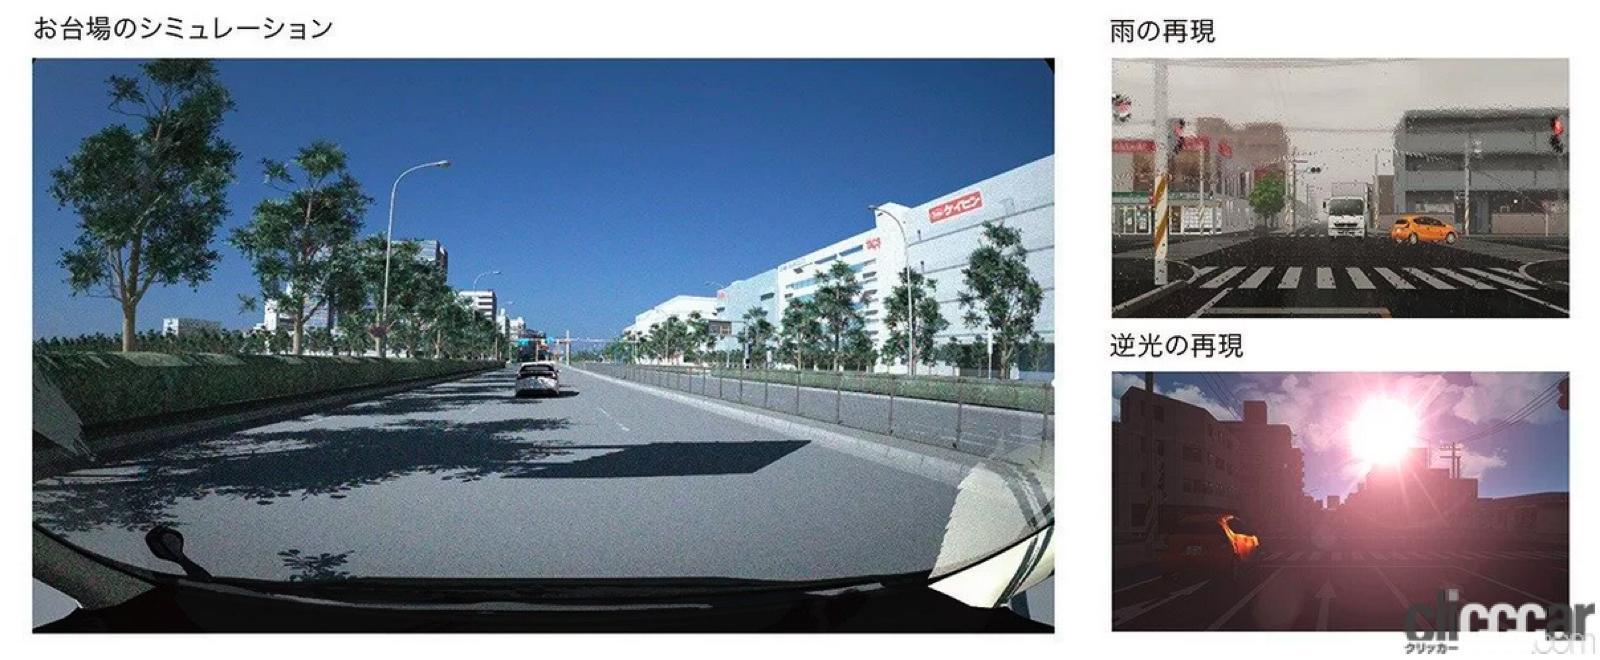 「清水和夫が解説!日本が進める「自動運転の今」はどんな技術で、どう使うのか?【SIP第2期 自動運転 中間成果発表会】」の9枚目の画像